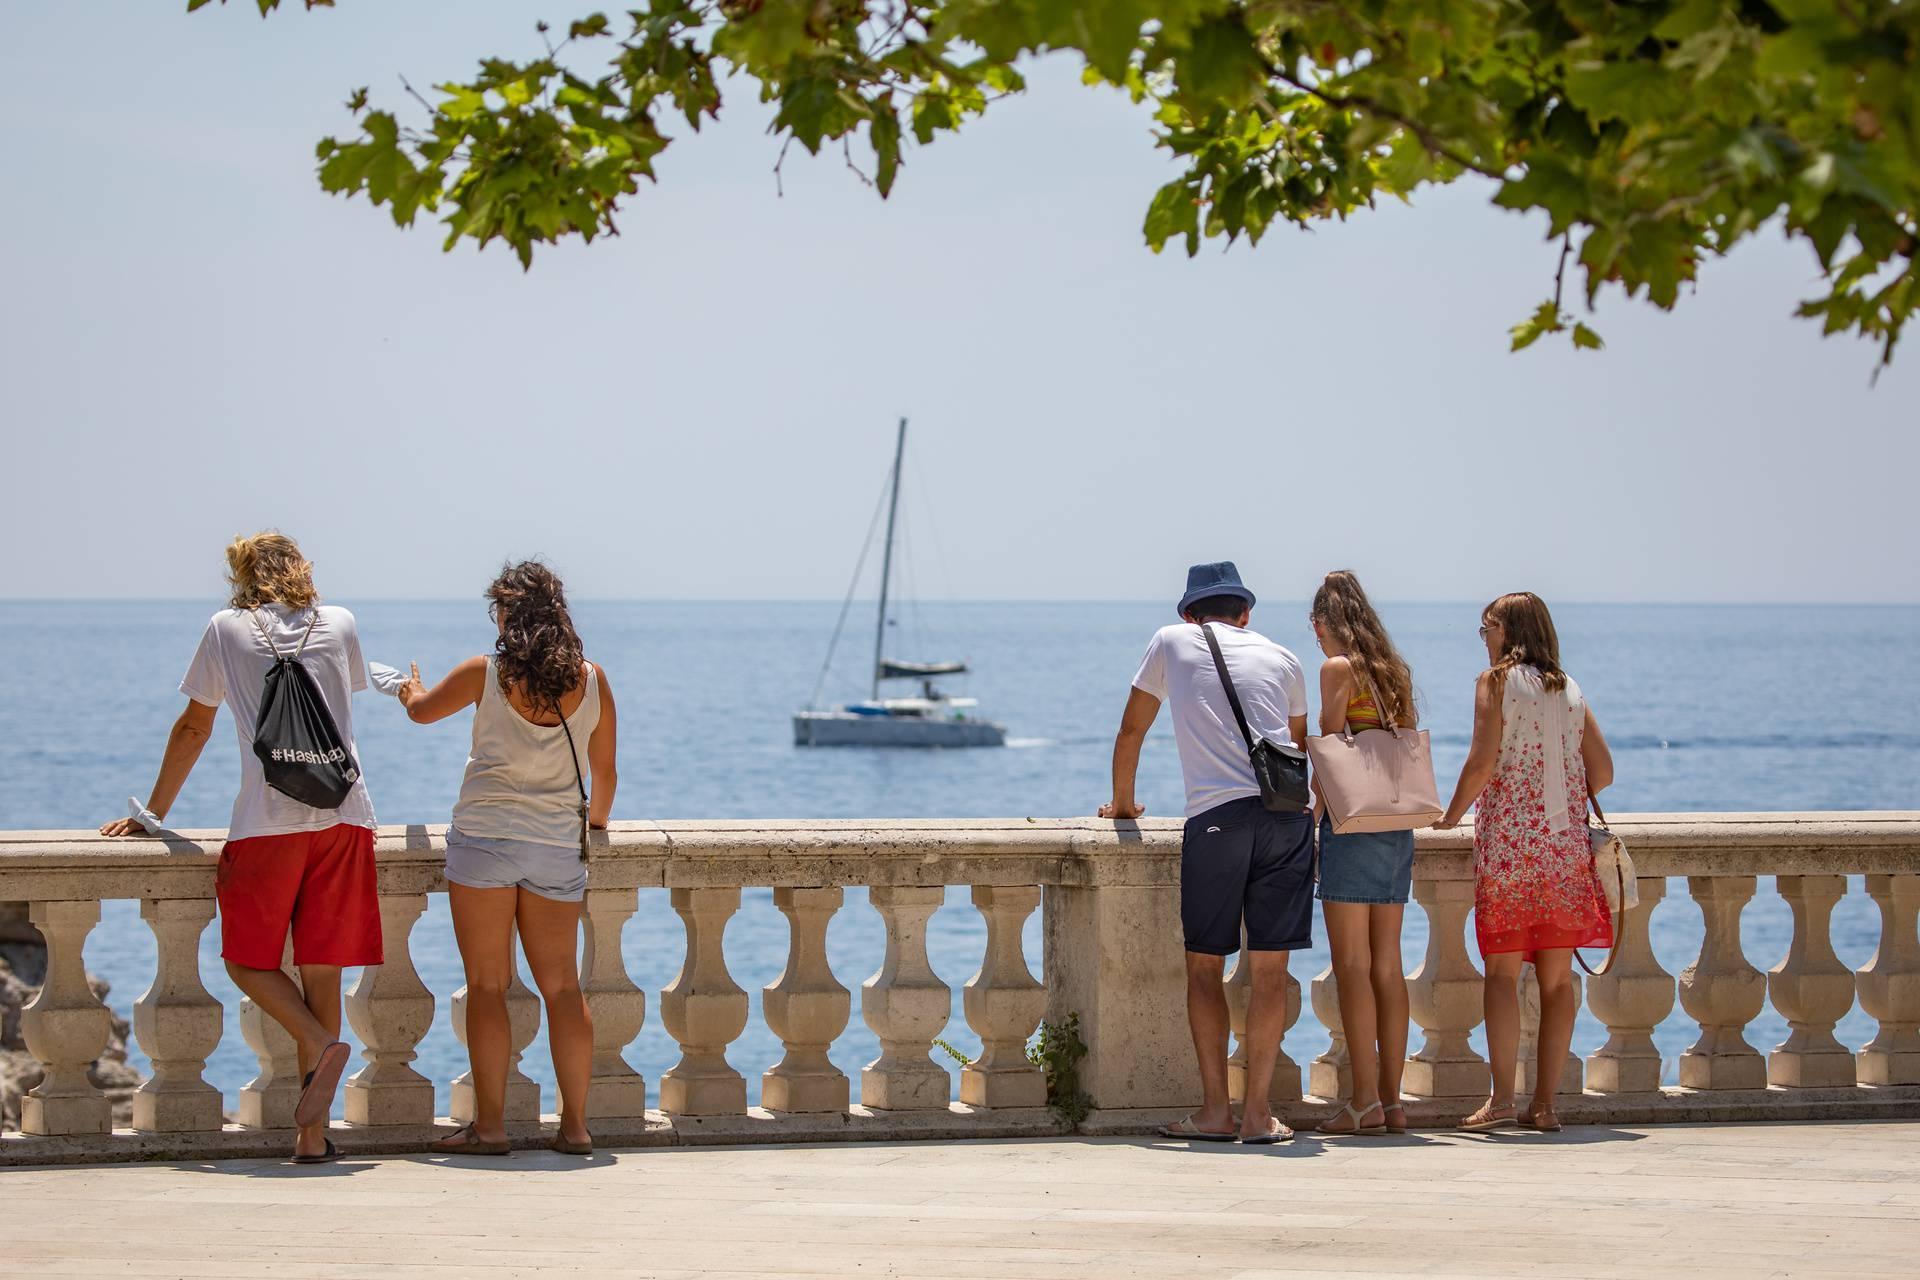 U Dubrovniku sve više turista unatoč panedmiji koronavirusa